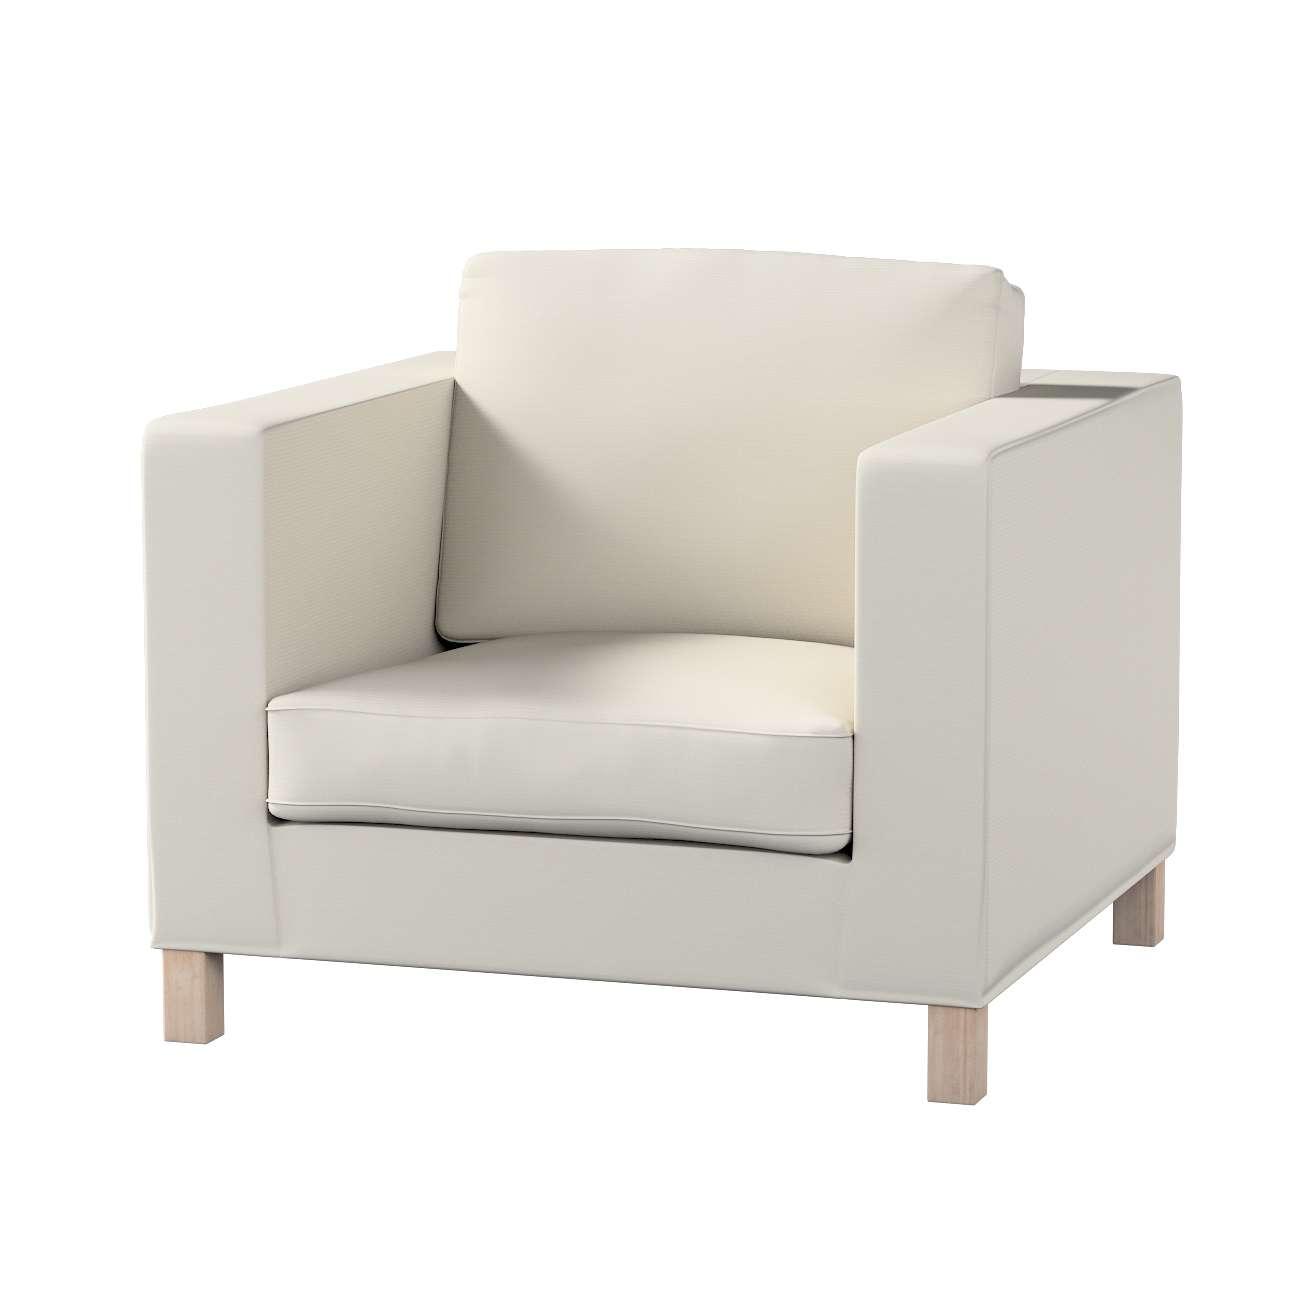 Pokrowiec na fotel Karlanda, krótki fotel Karlanda w kolekcji Cotton Panama, tkanina: 702-31